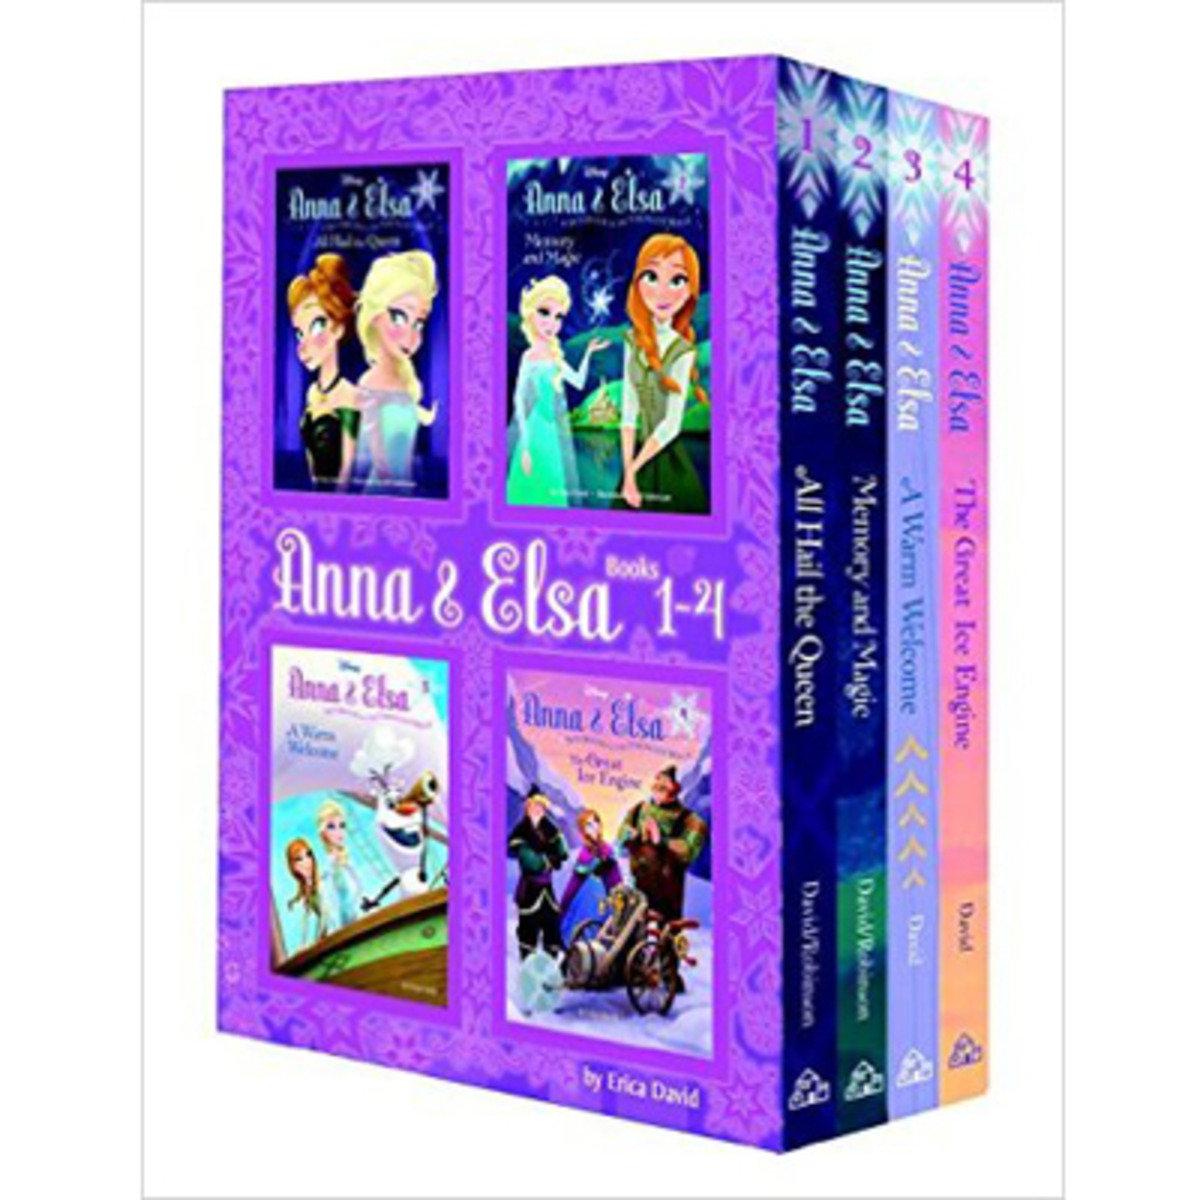 ANNA & ELSA: BOOK 1-4 9780736434591